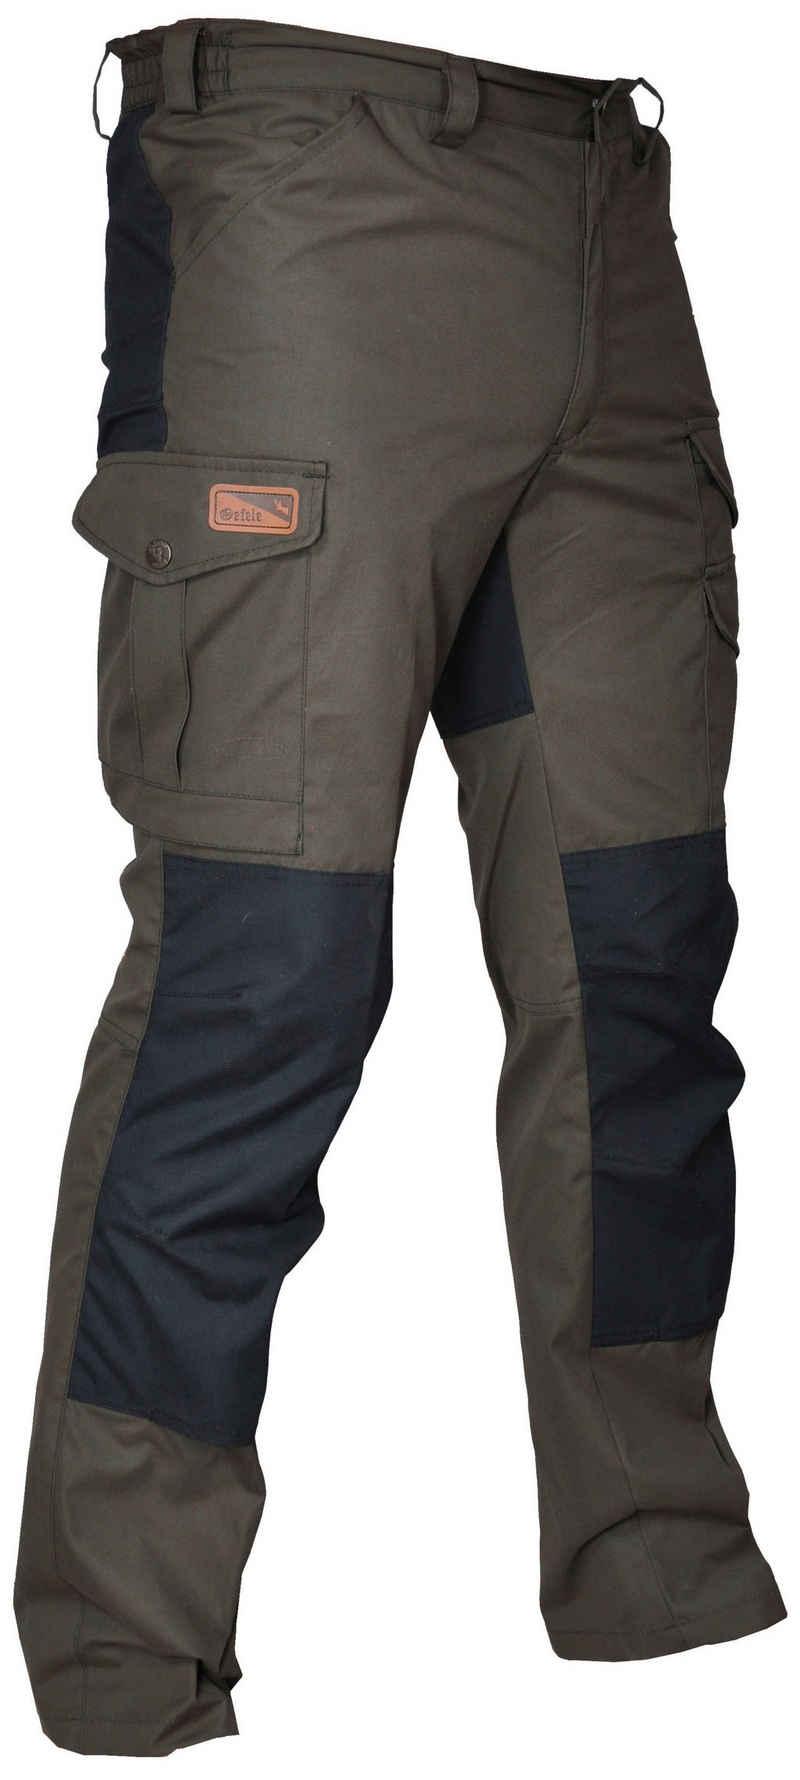 La Chasse® Outdoorhose »Stretch-Funktionshose Makalu Jagdhose Herren elastisch mit Beintaschen und Verstärkungen im Gesäß- & Kniebereich, stark wasserabweisend«